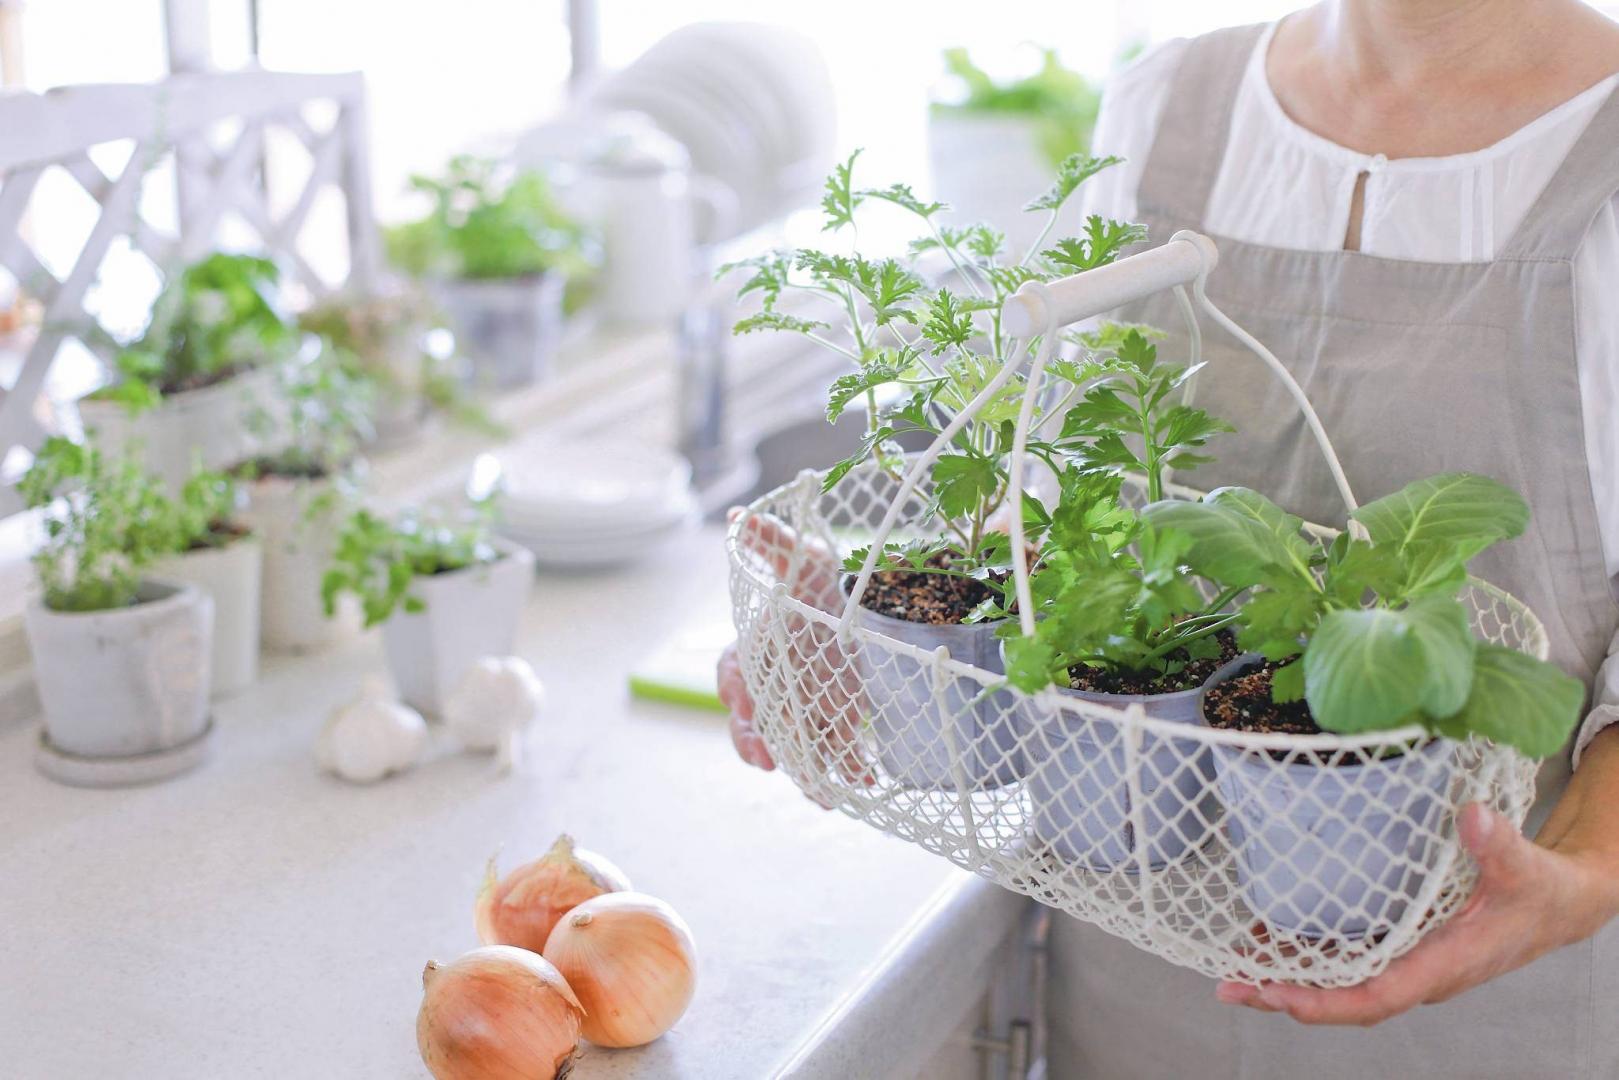 Zioła I Warzywa W Kuchni Czyli Jesienne Witaminy ładny Dom